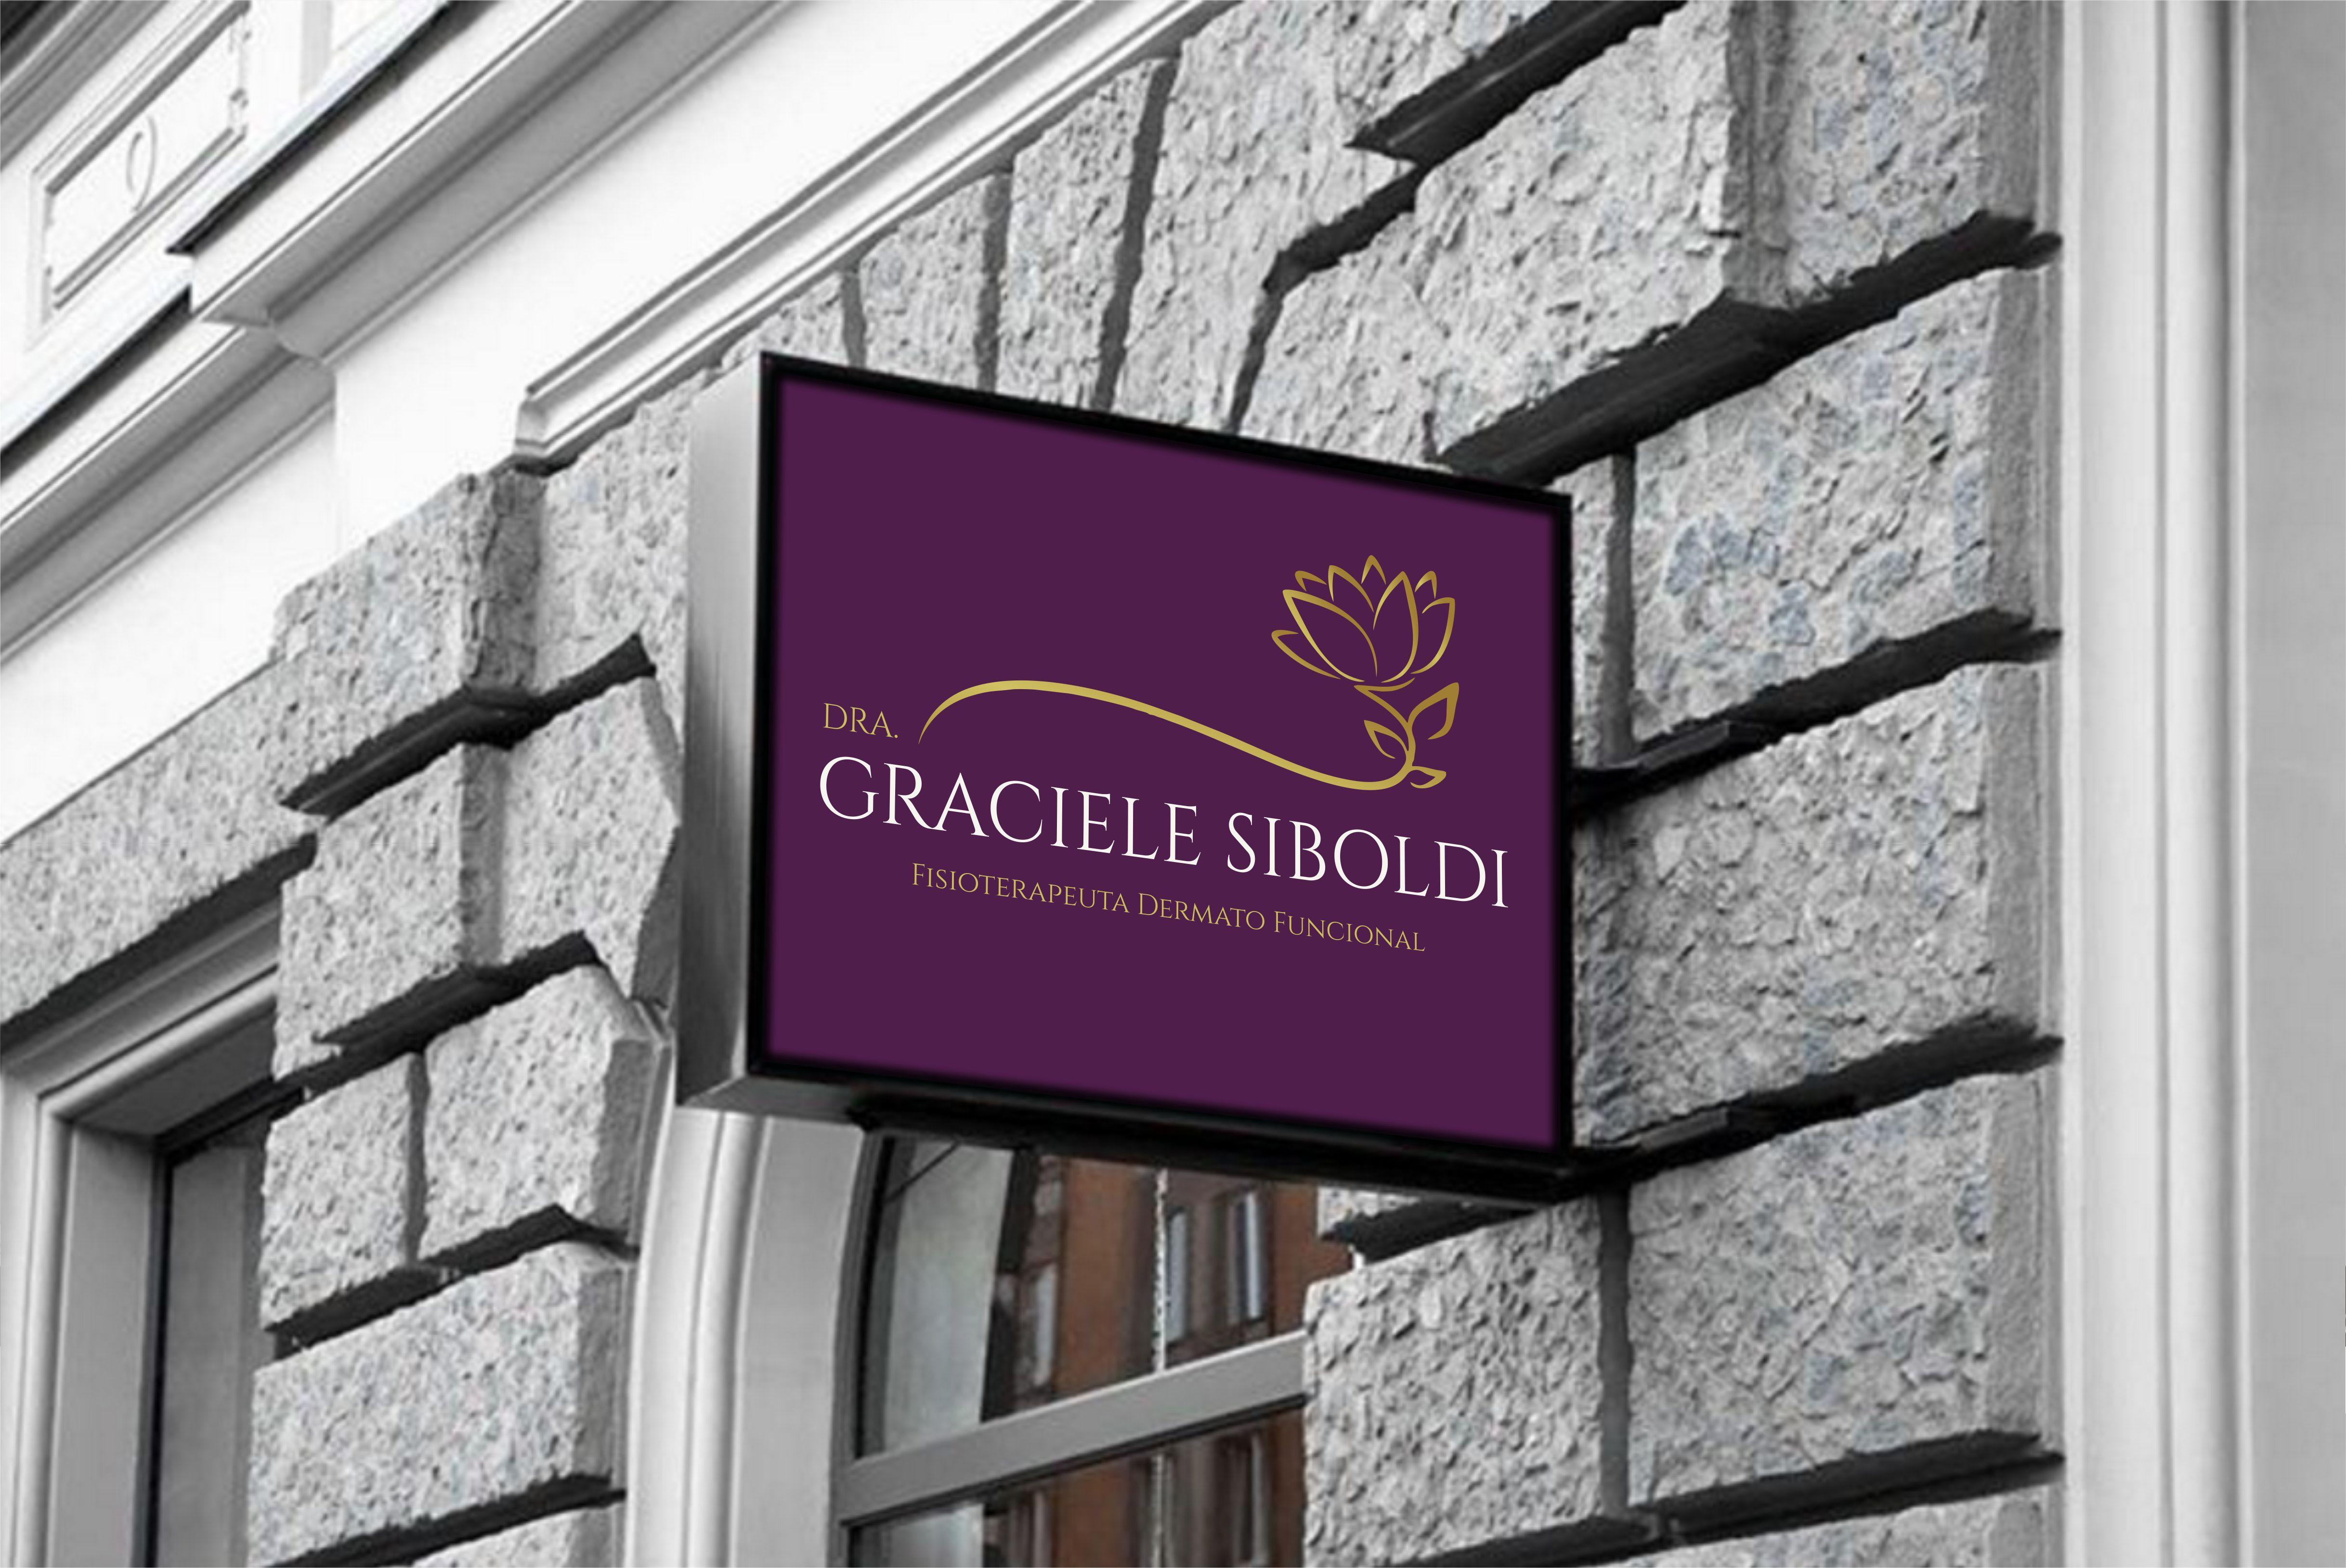 Graciele Siboldi